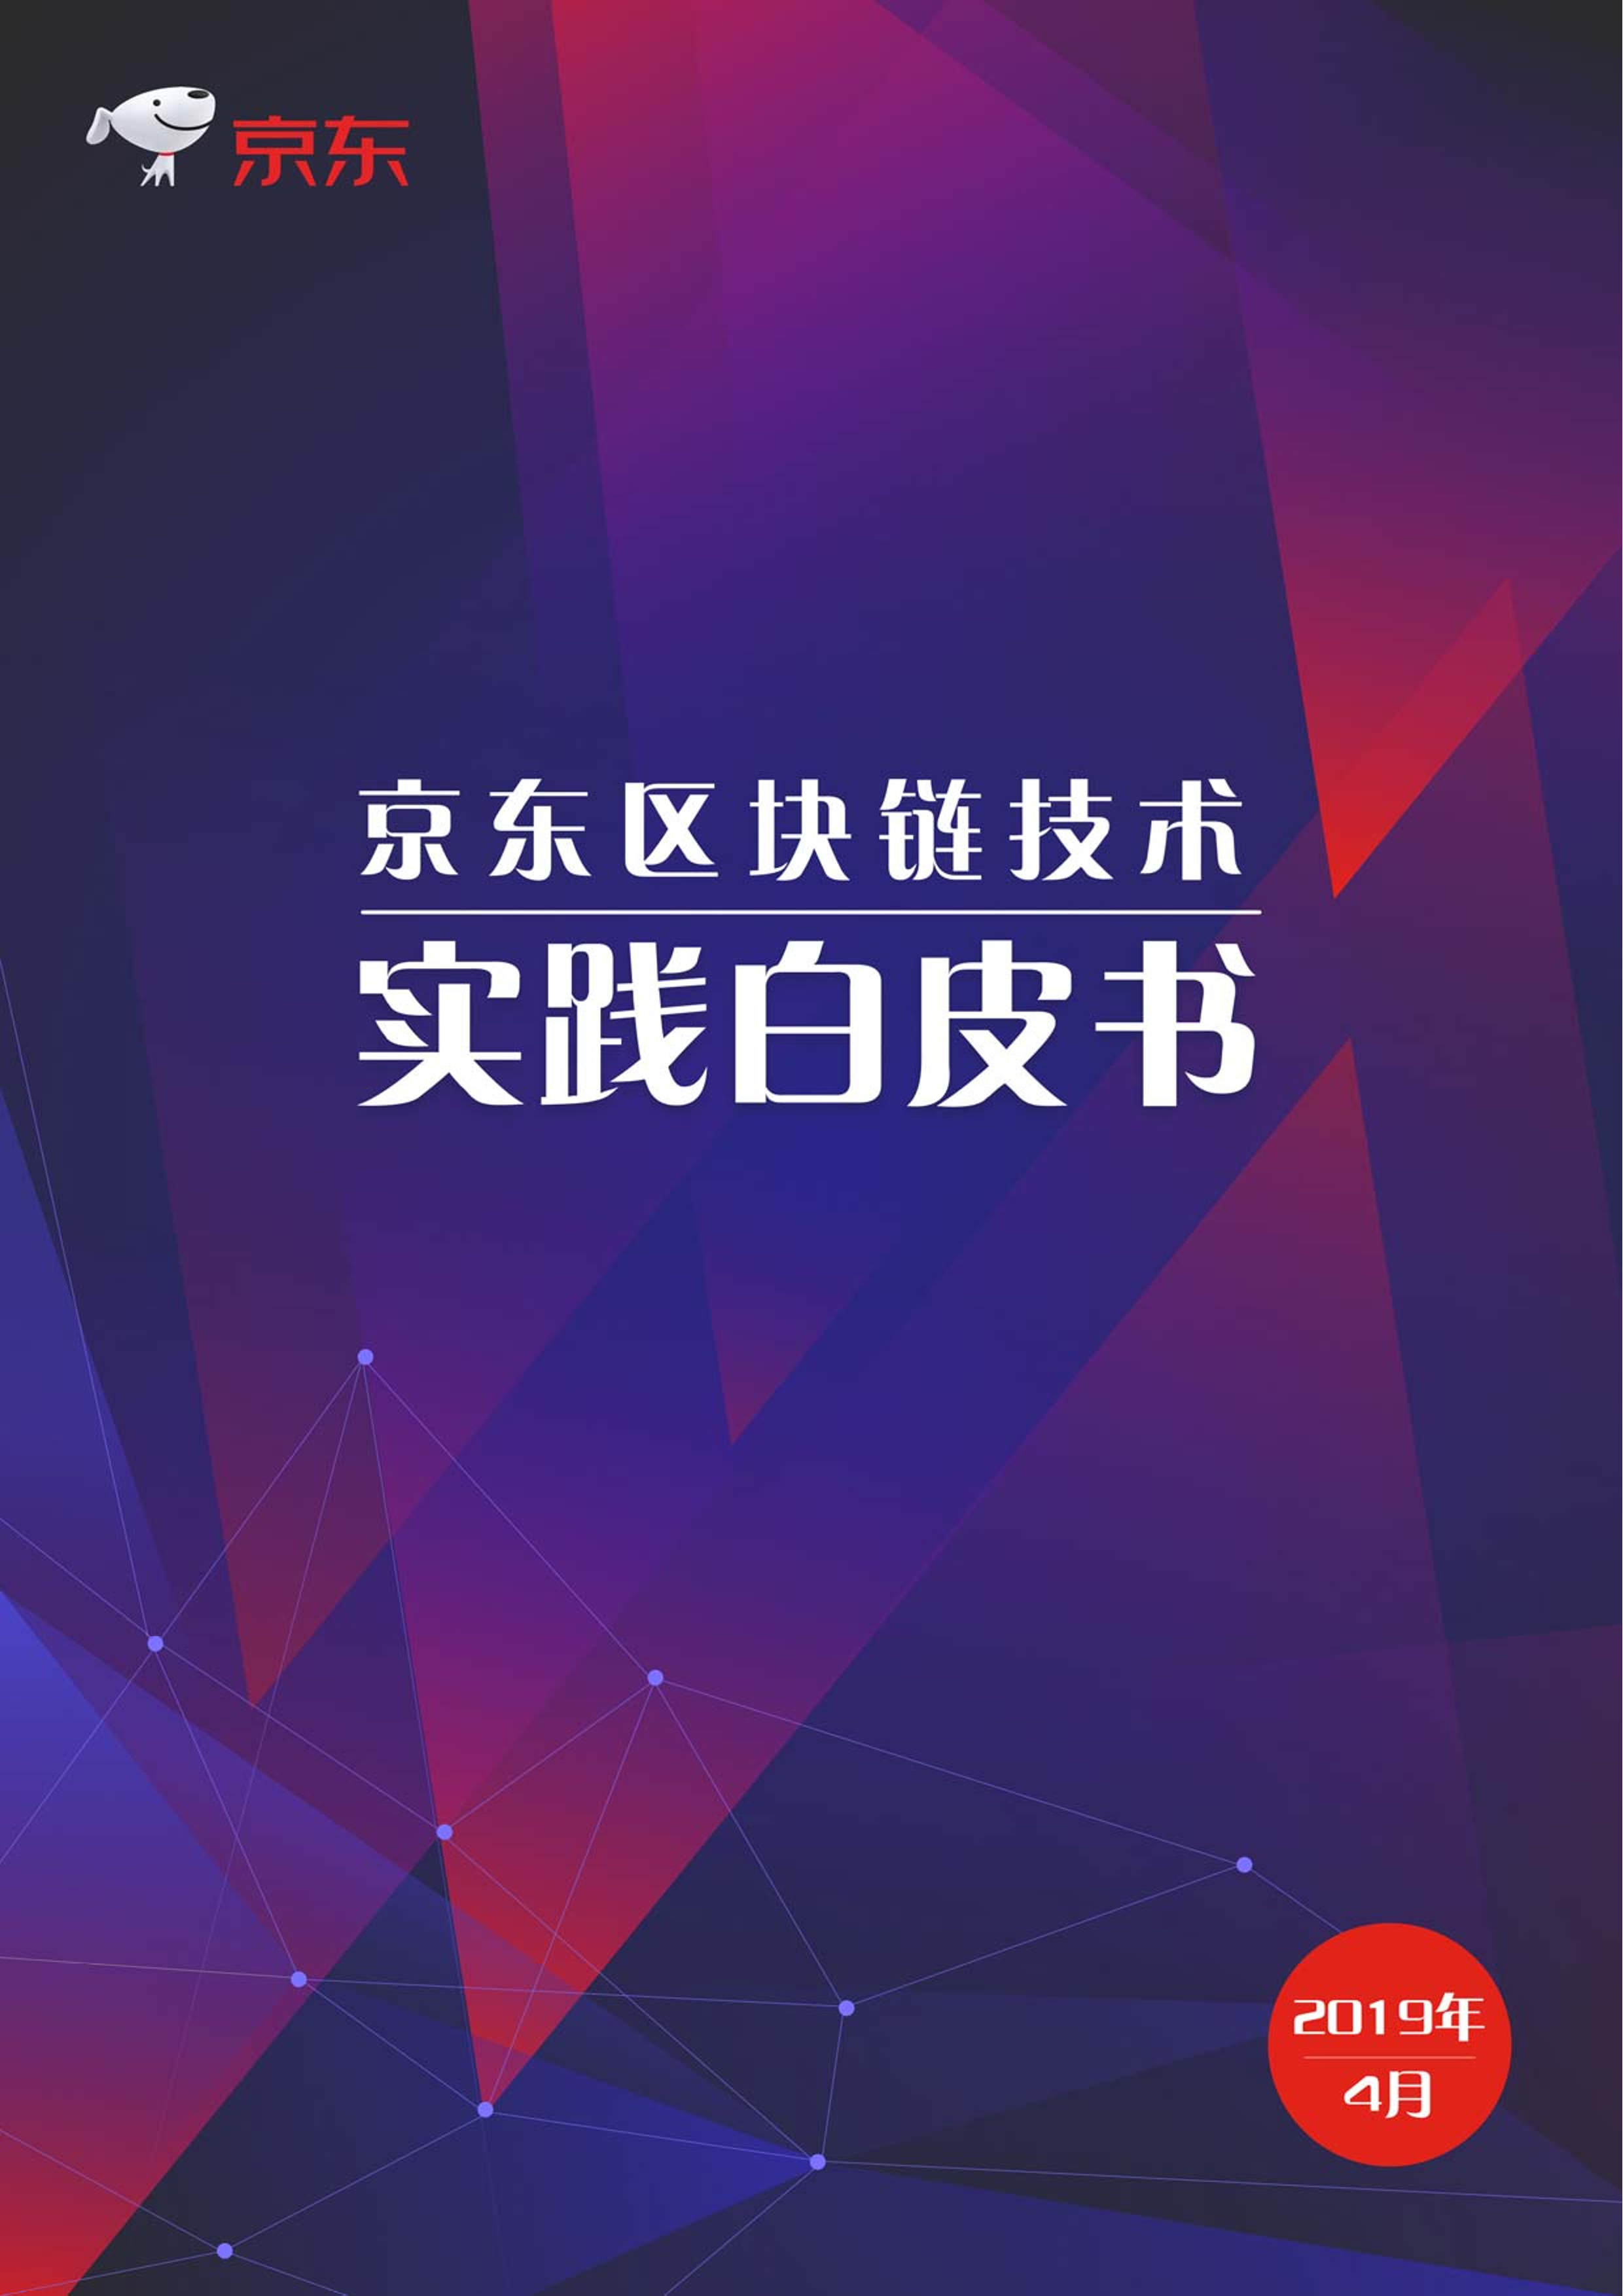 《京东区块链技术实践白皮书》(2019版),95页PDF,京东数字科技编